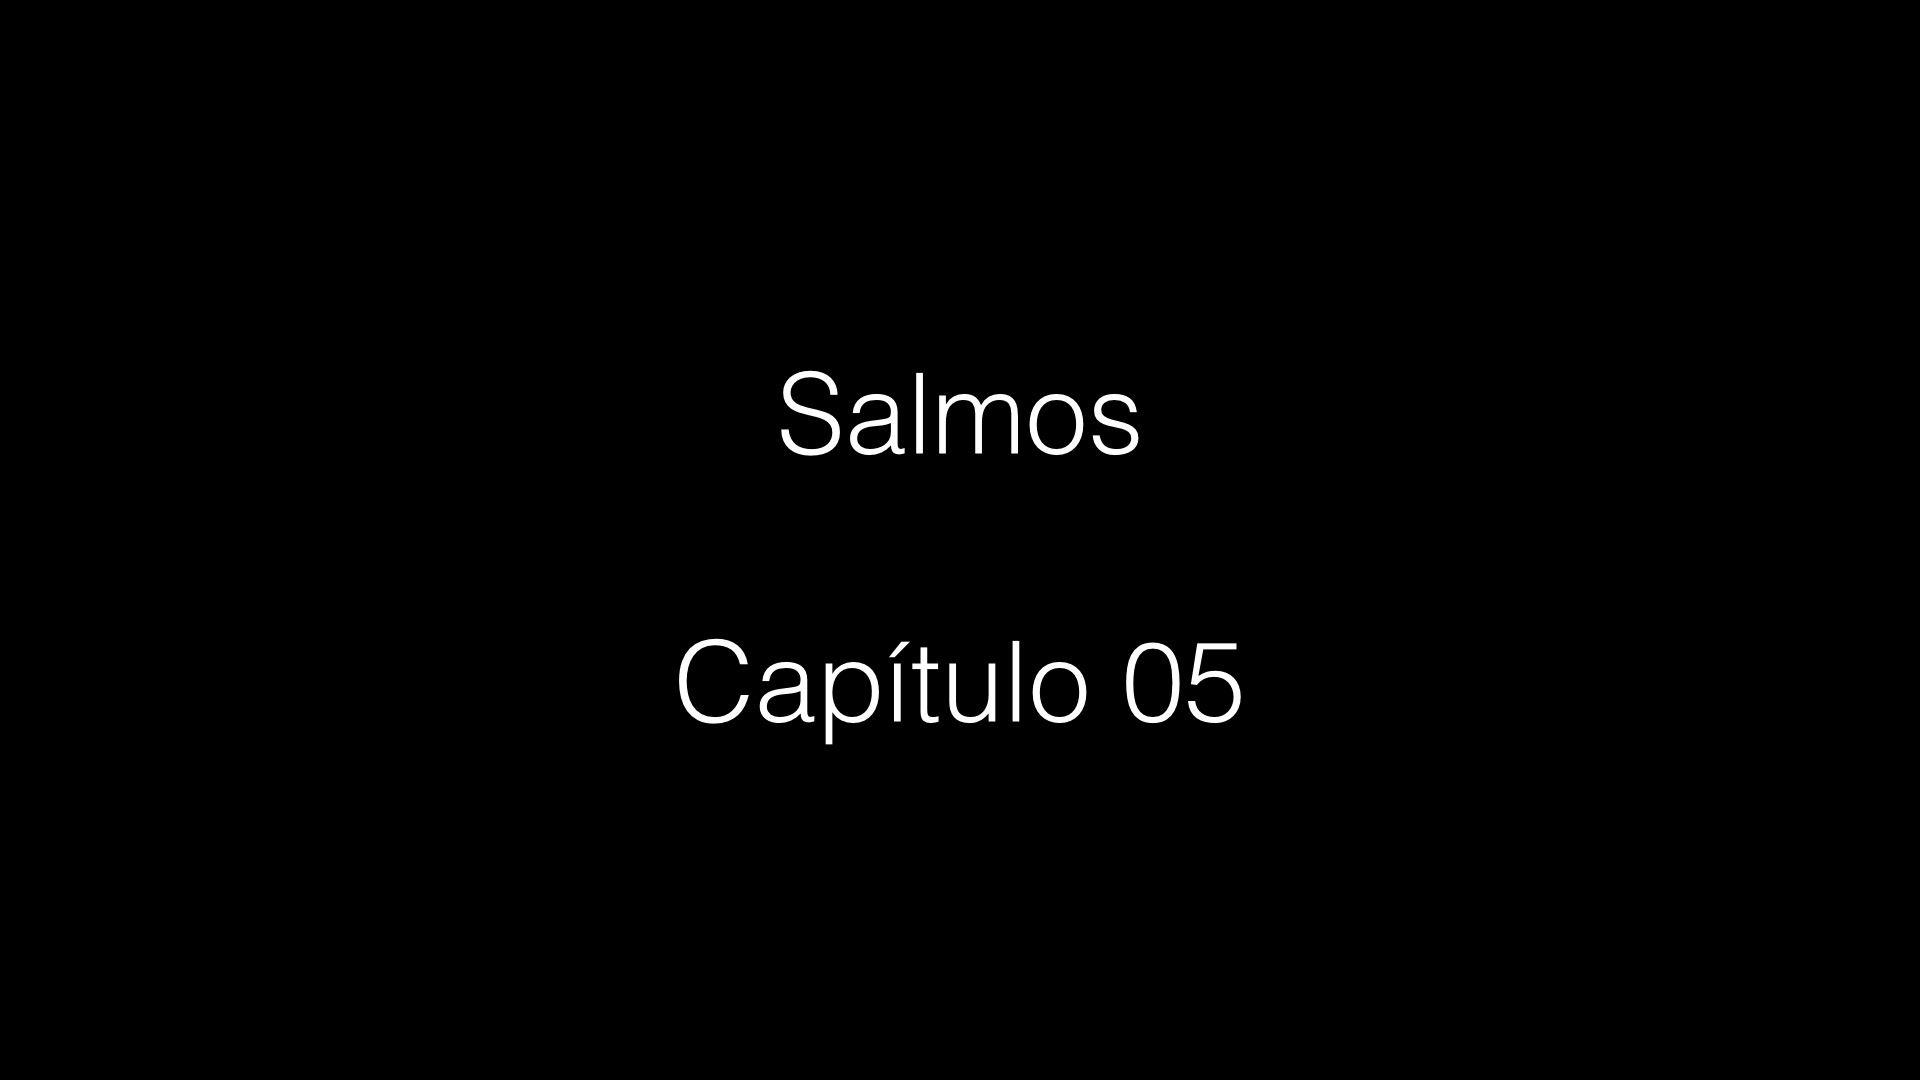 Salmos 005